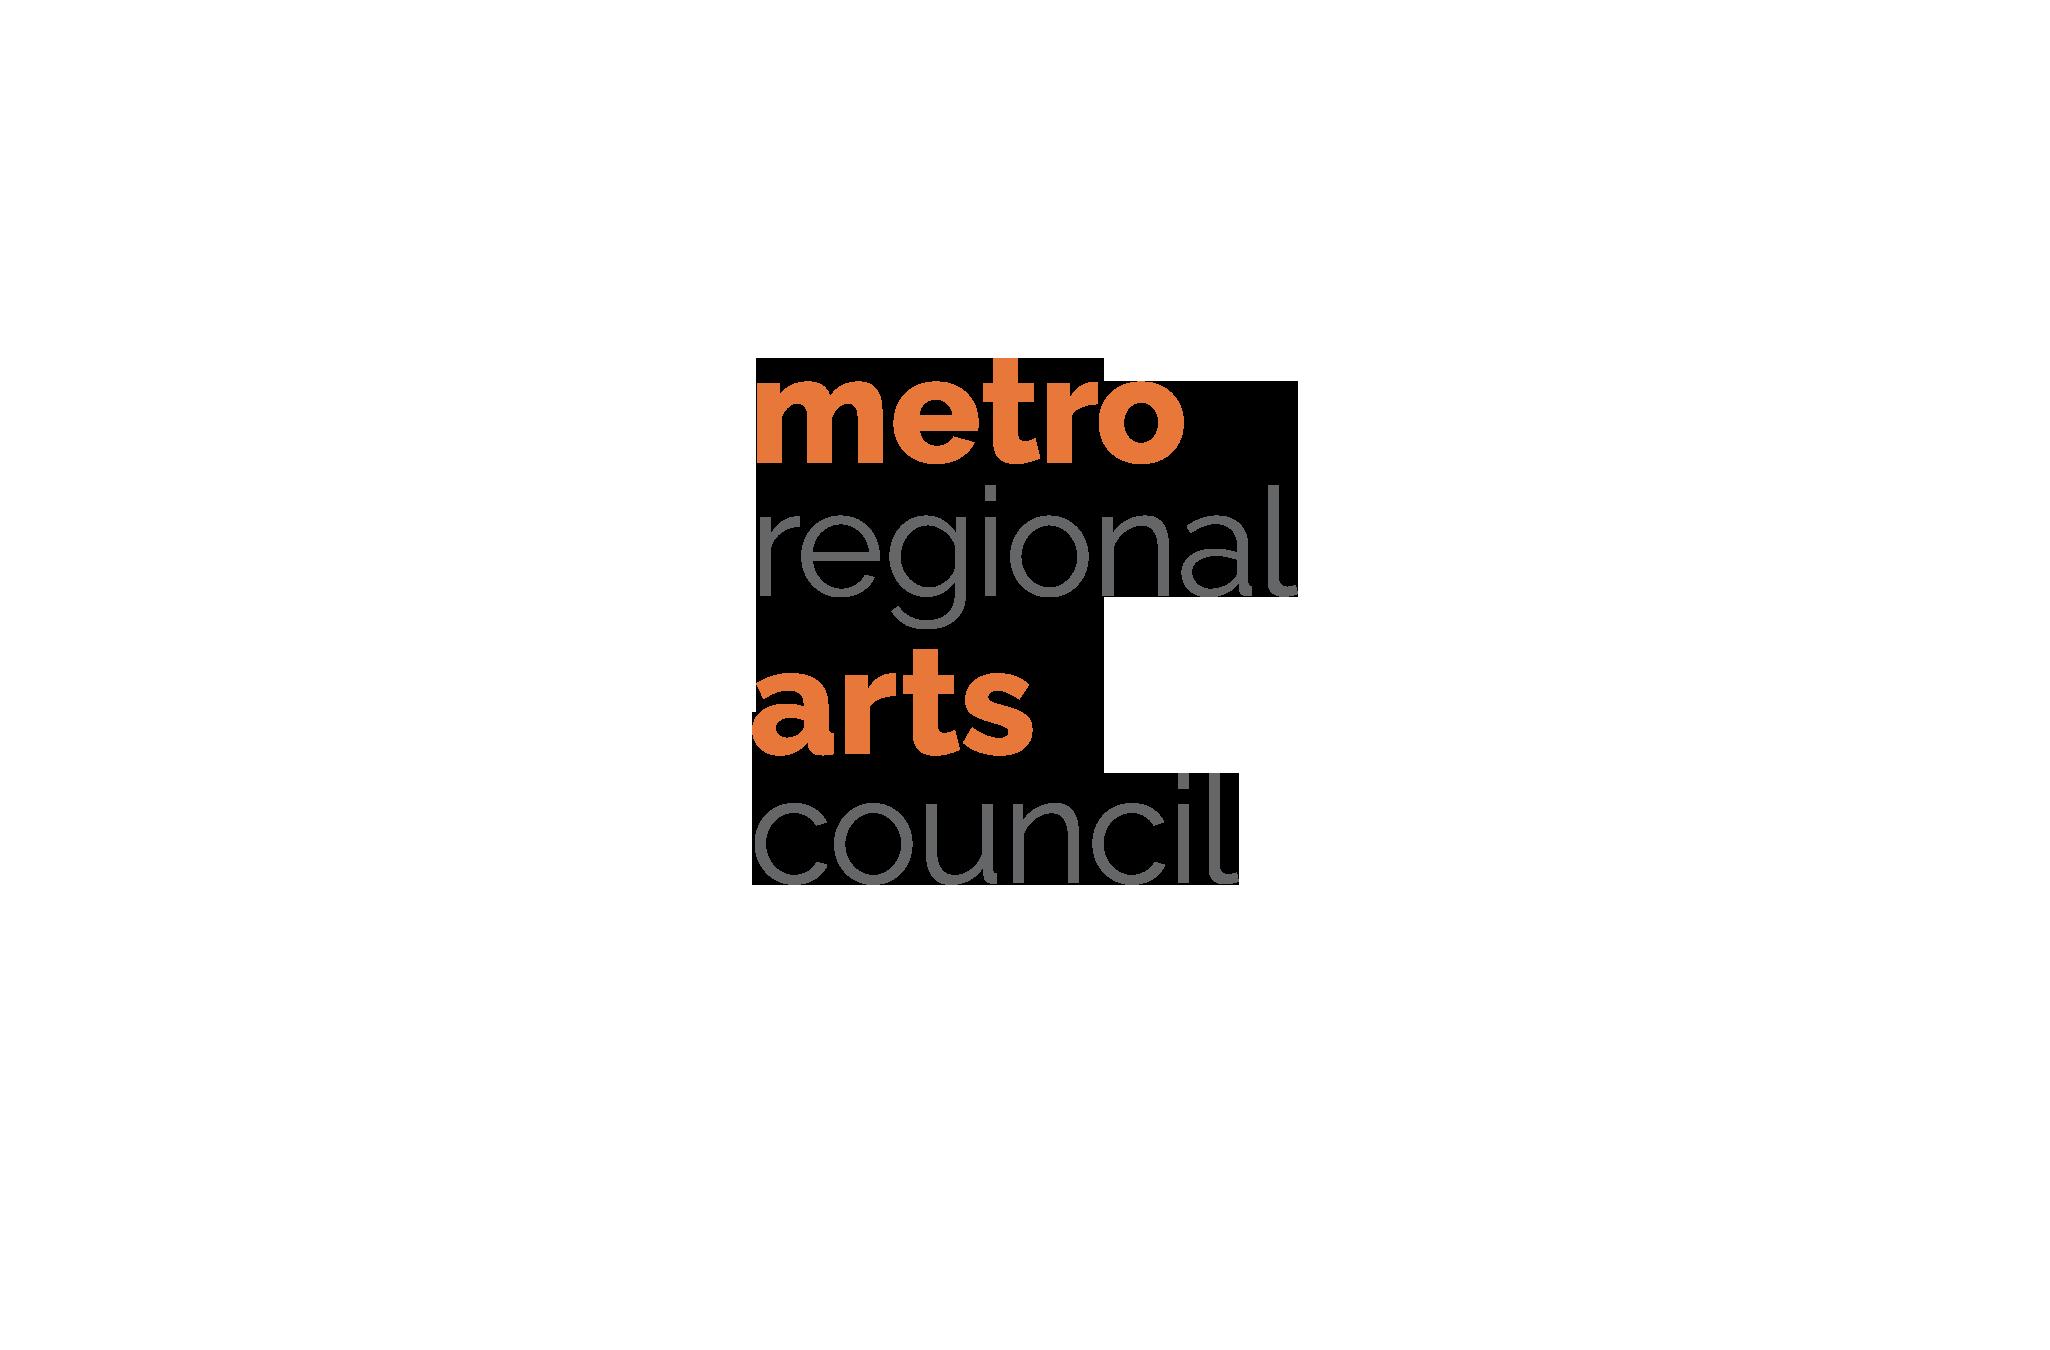 Metropolitan Regional Arts Council new 2-color logo